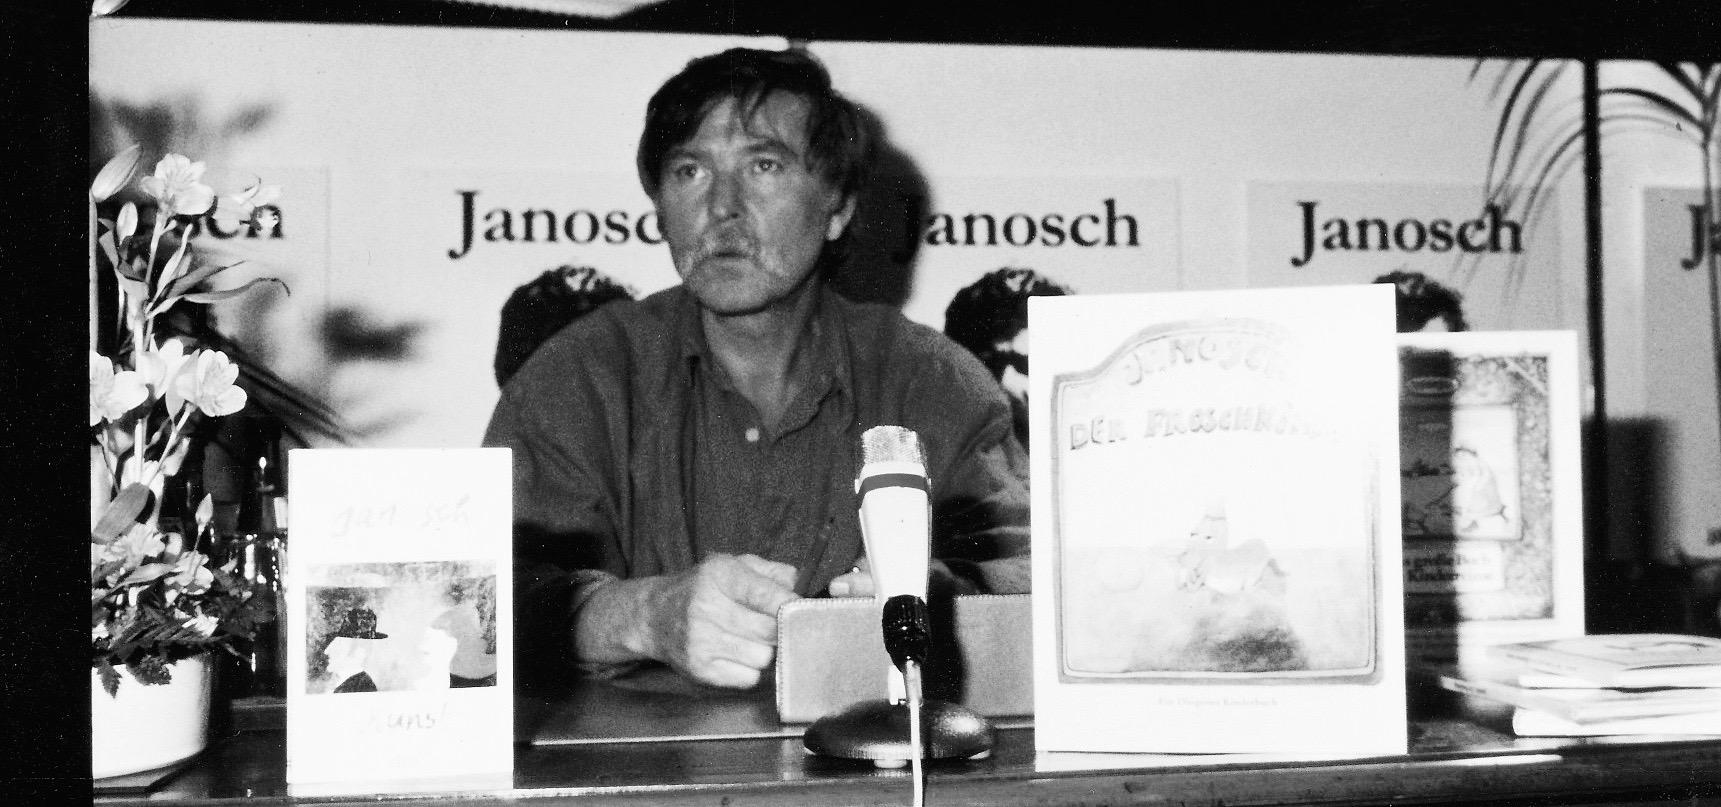 Interview-janosch-grosses foto